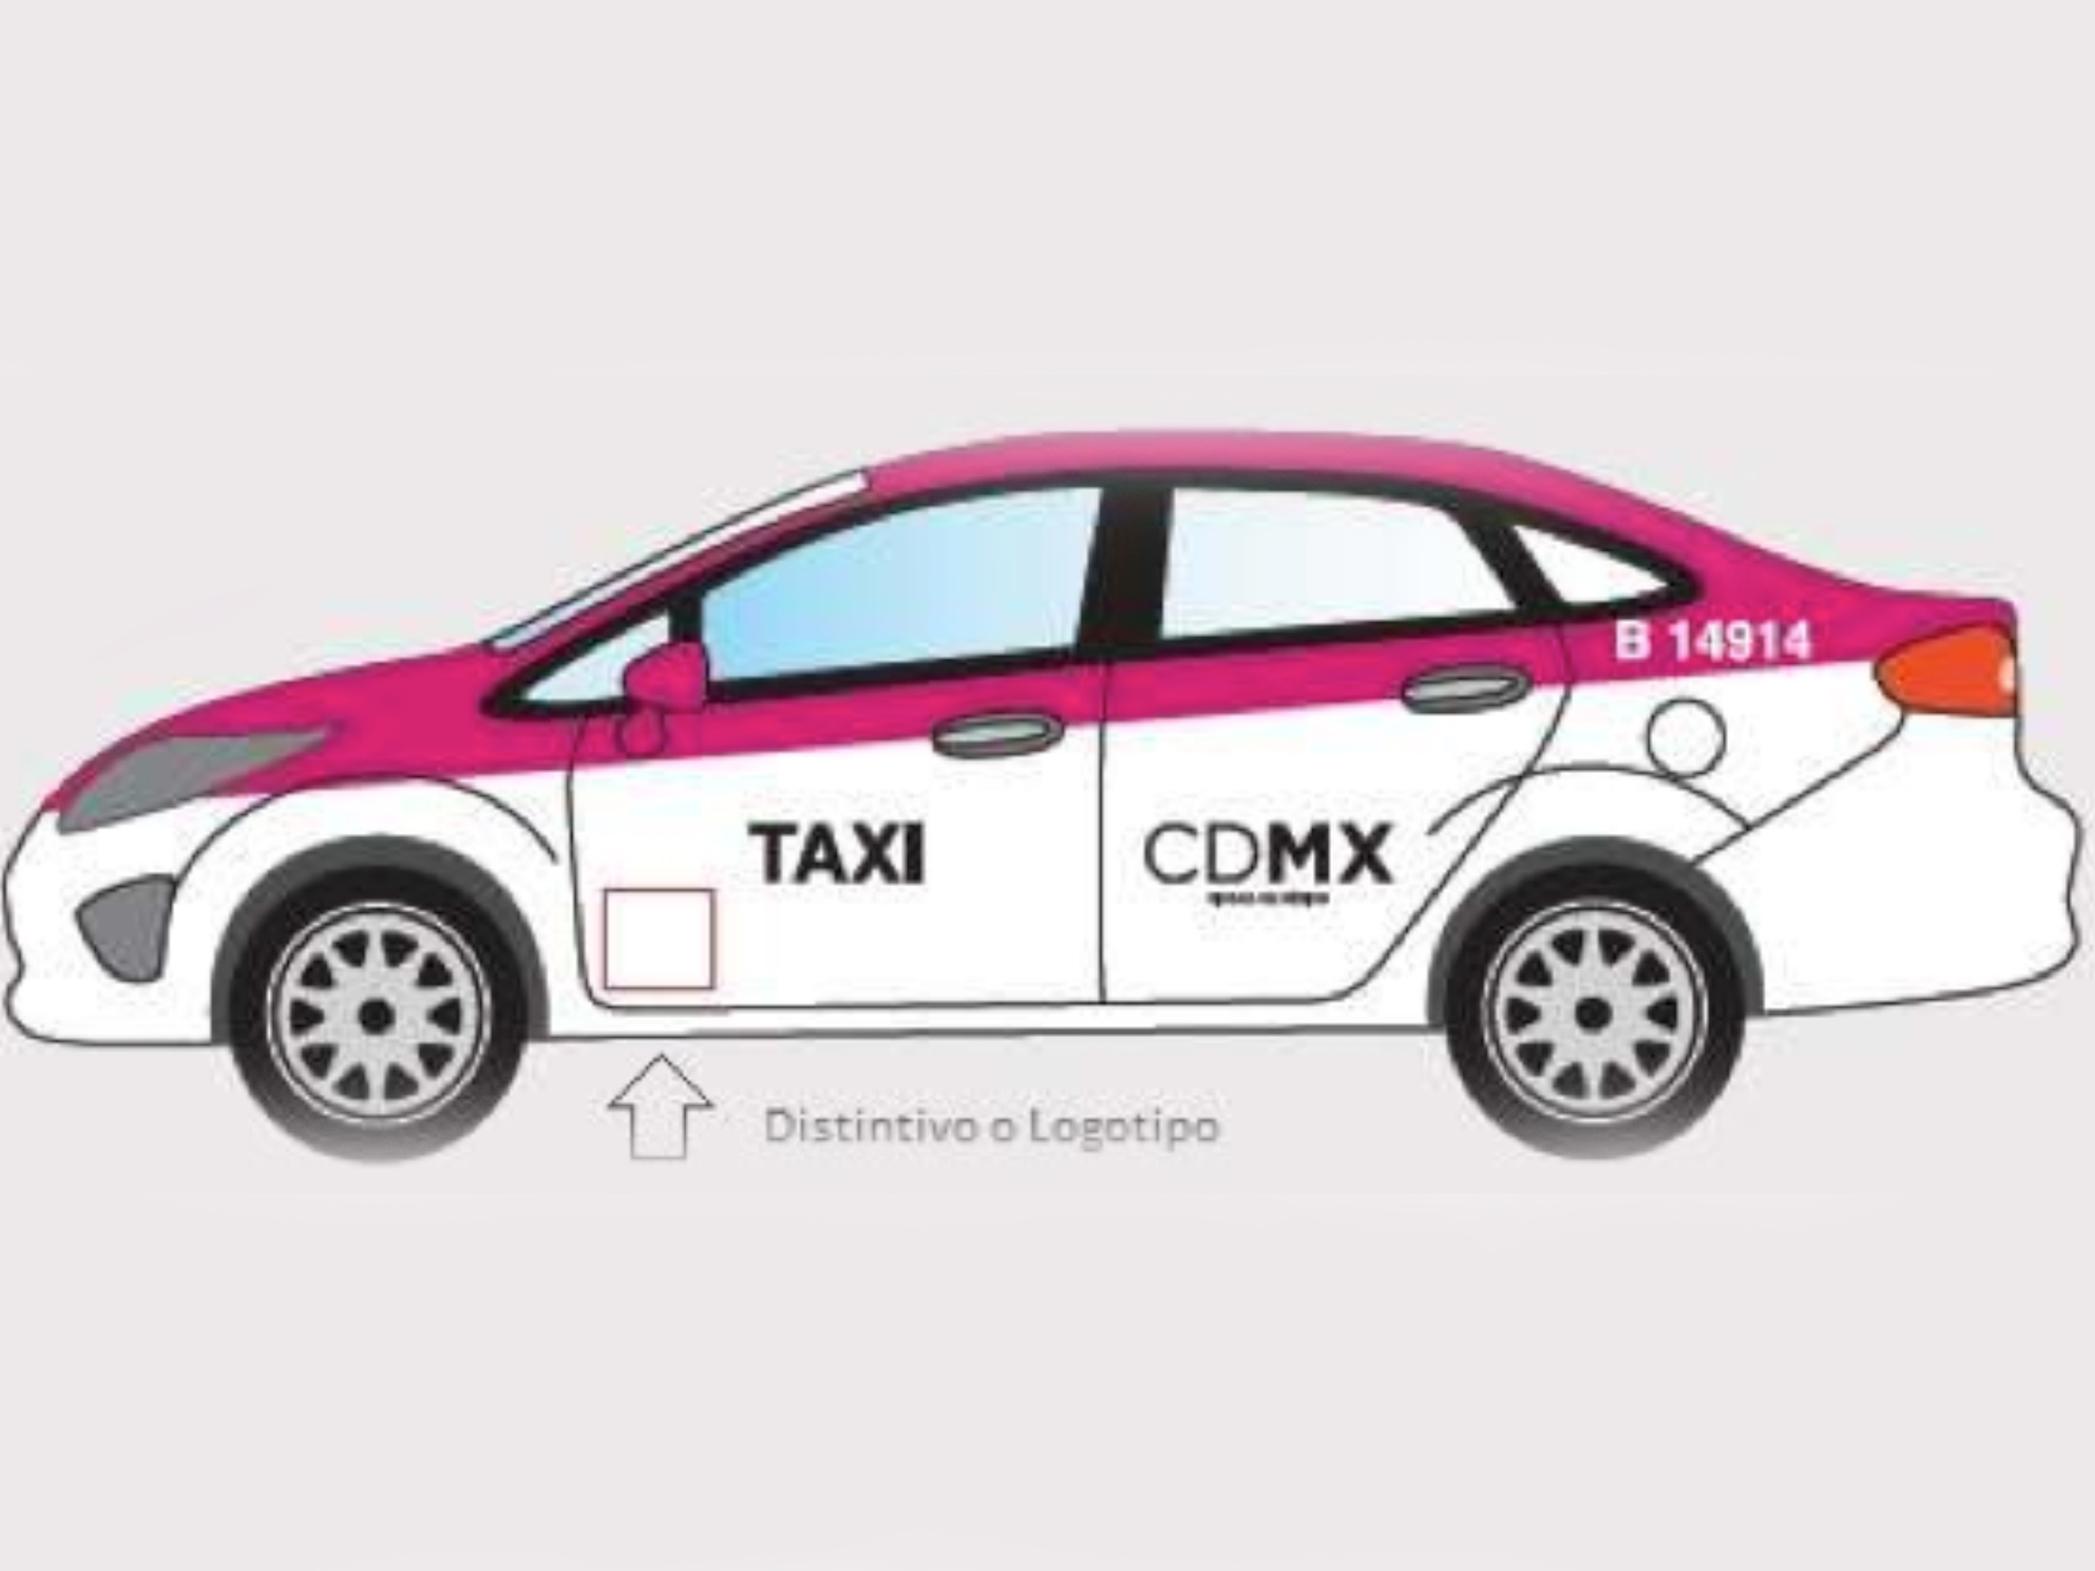 Taxis del DF tendrán nueva imagen